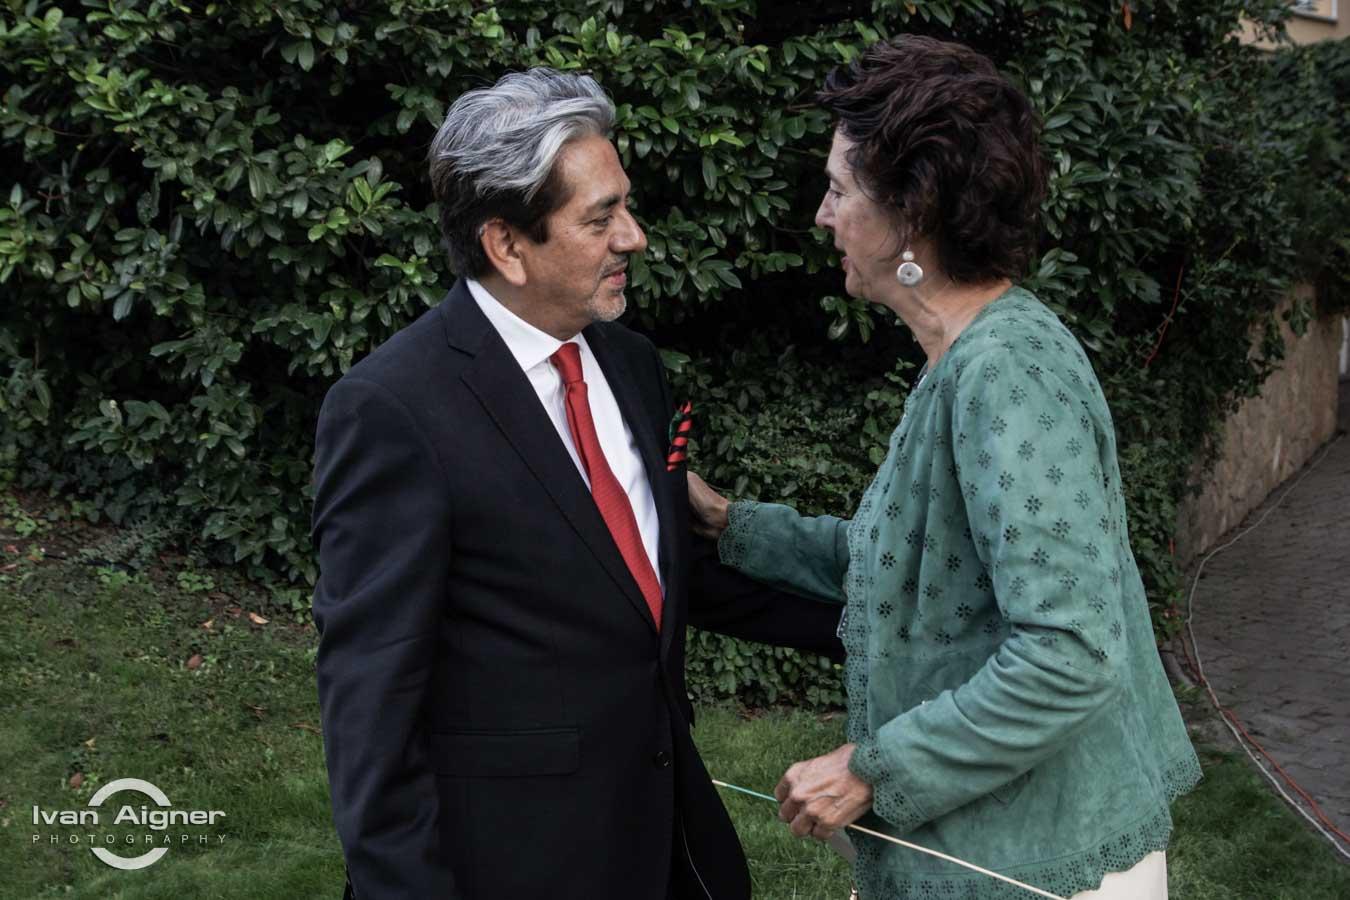 Őexc. David Nájera Rivas mexikói és Őexc. Anunciada Fernández de Córdova spanyol nagykövet